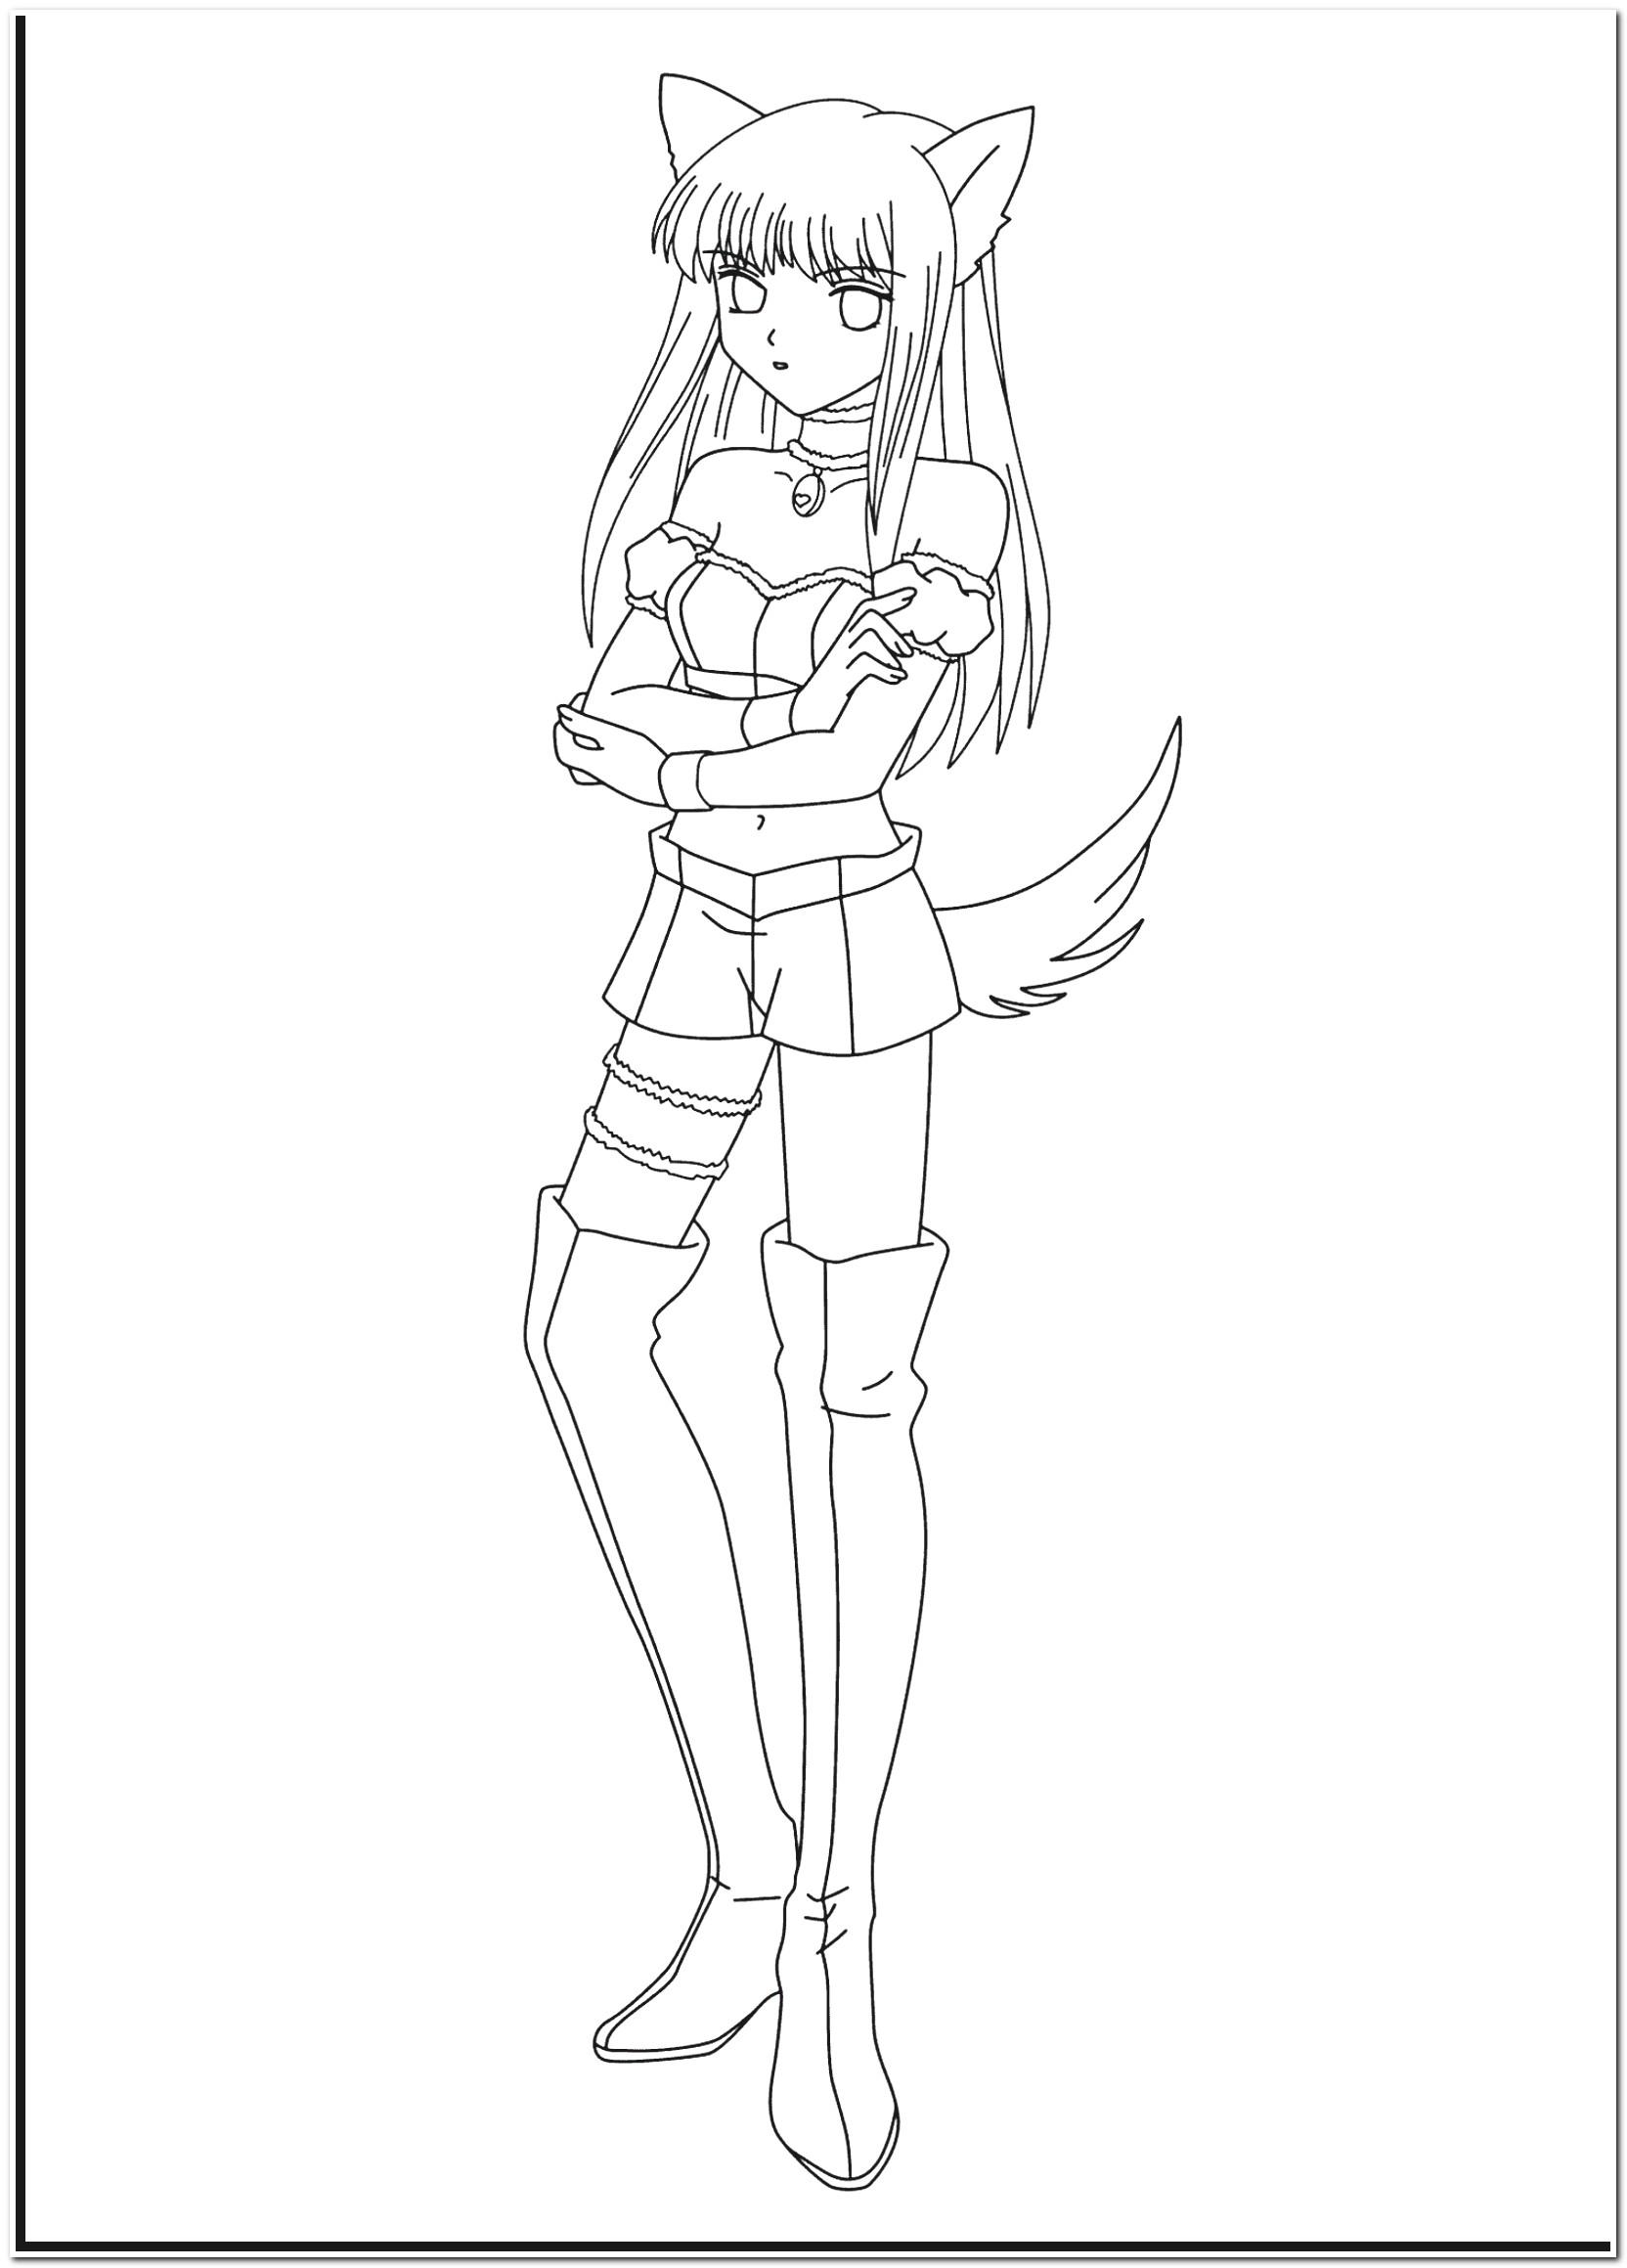 Hinh-to-mau-anime-dep-nhat (1)